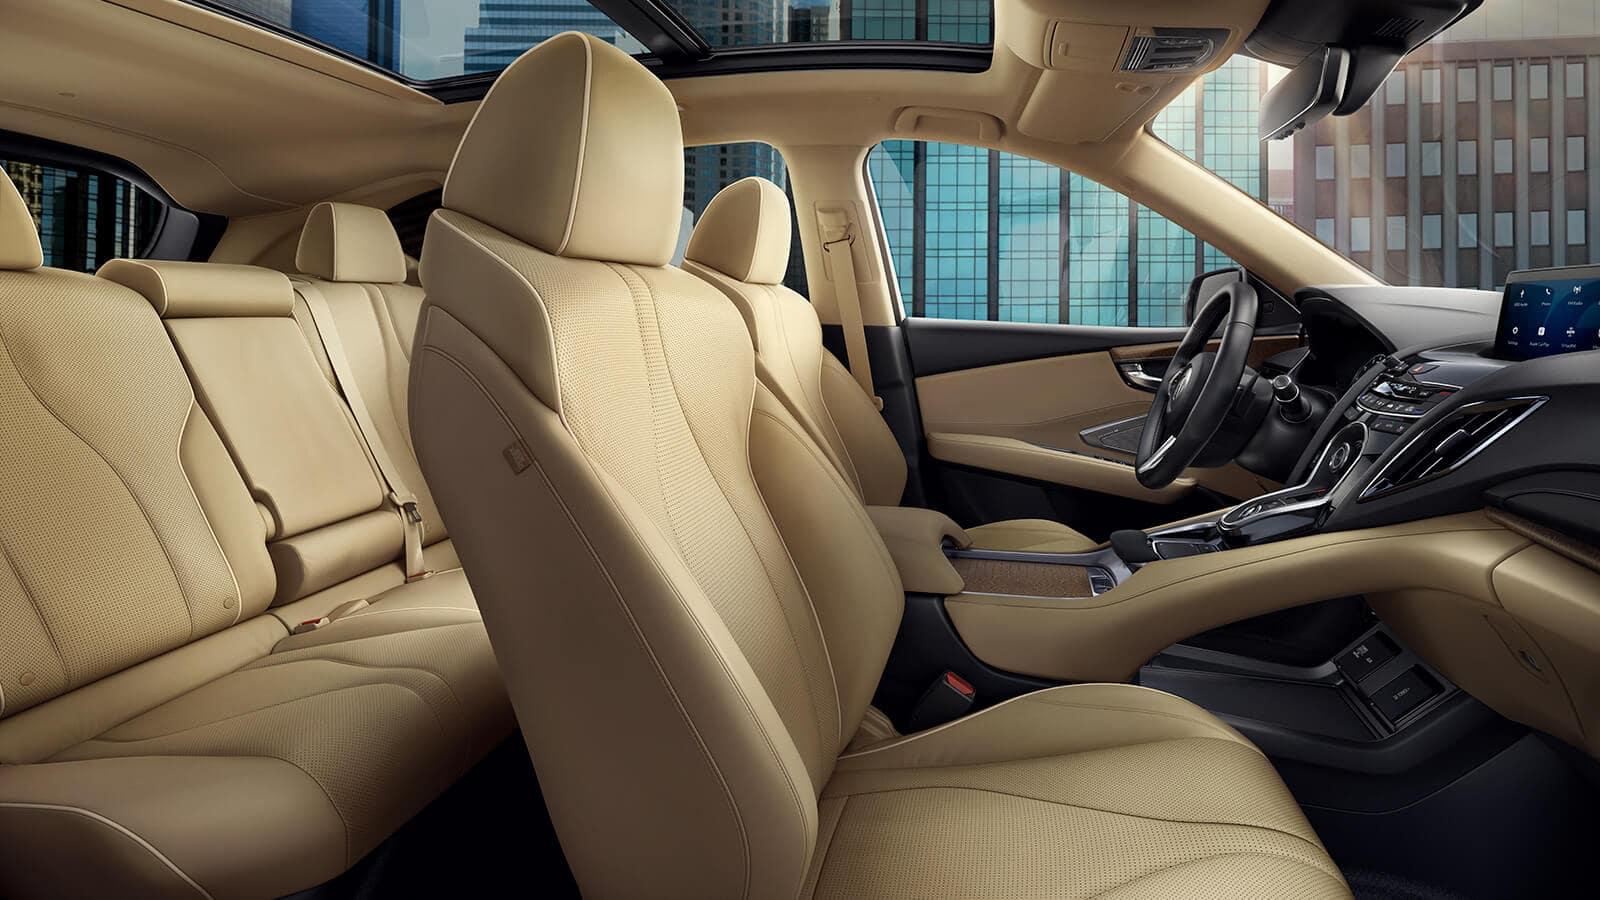 2020 Acura Rdx Luxury Crossover Suv In Colorado Rocky Mountain Acura Dealers